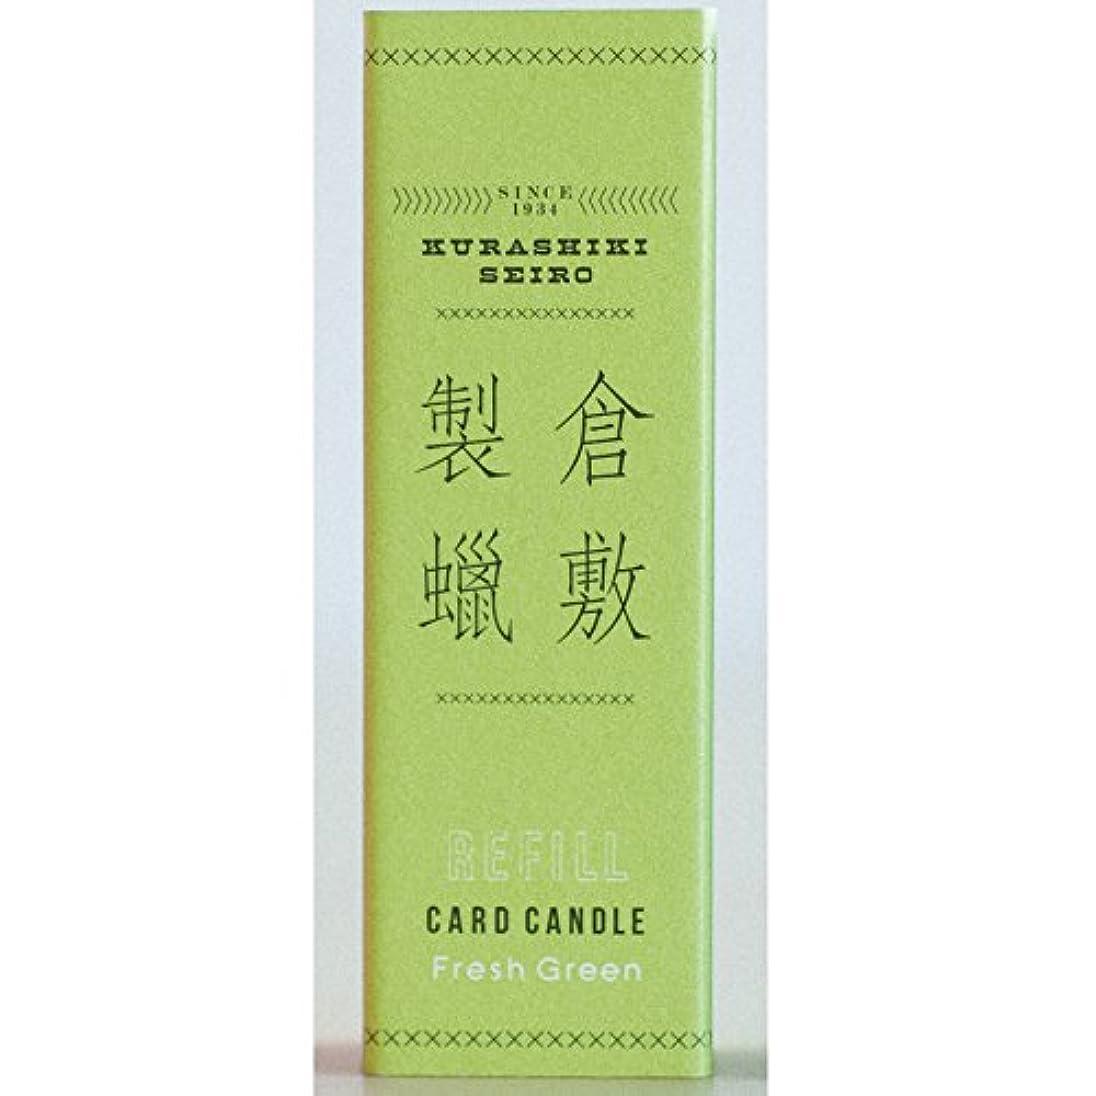 マティスほとんどない道を作る倉敷製蝋 CARD CANDLE REFILL (Fresh Green)